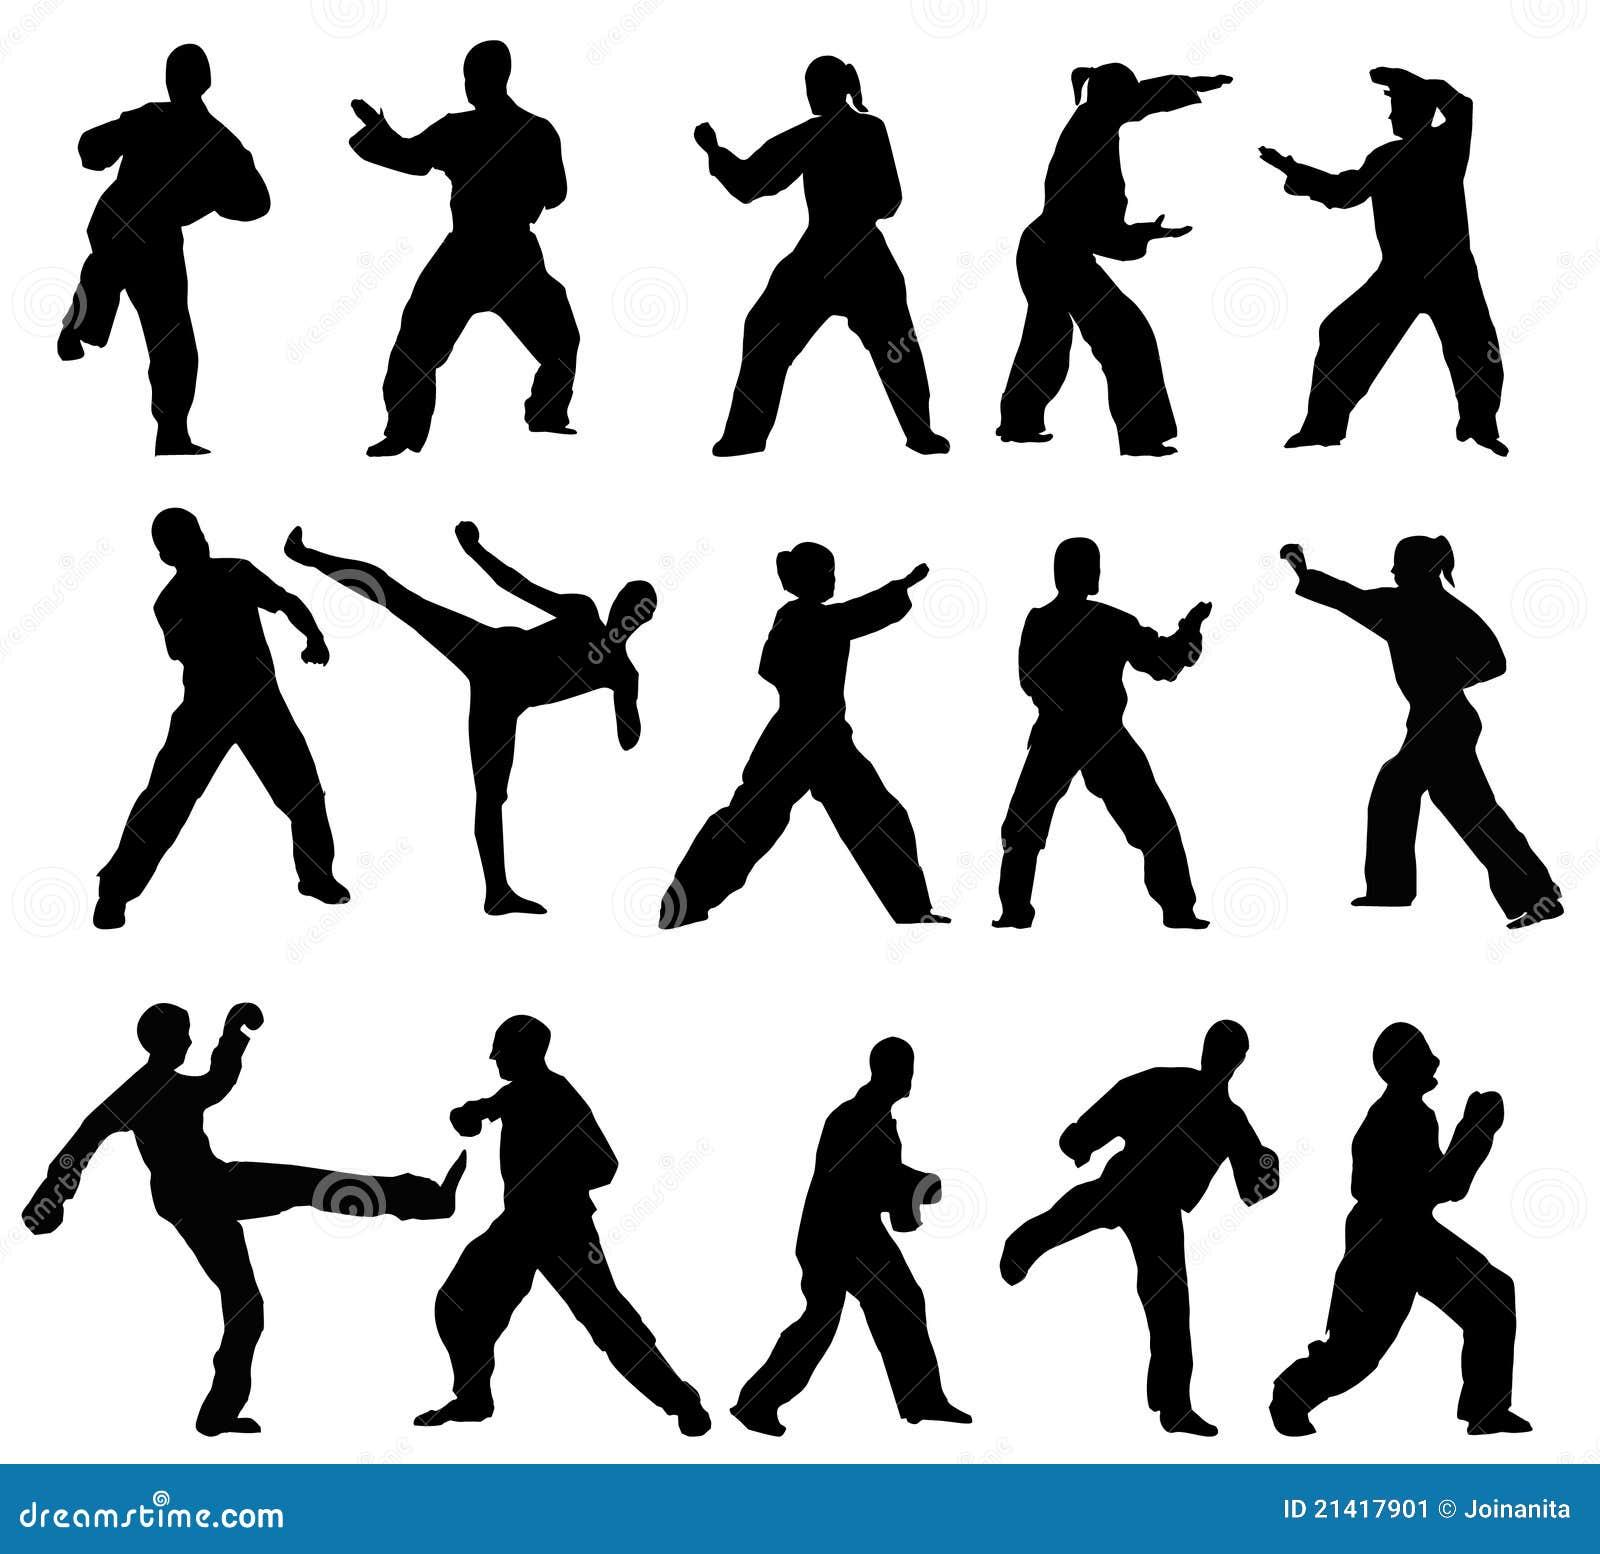 Taekwondo-fighter Stock Image - Image: 21417901